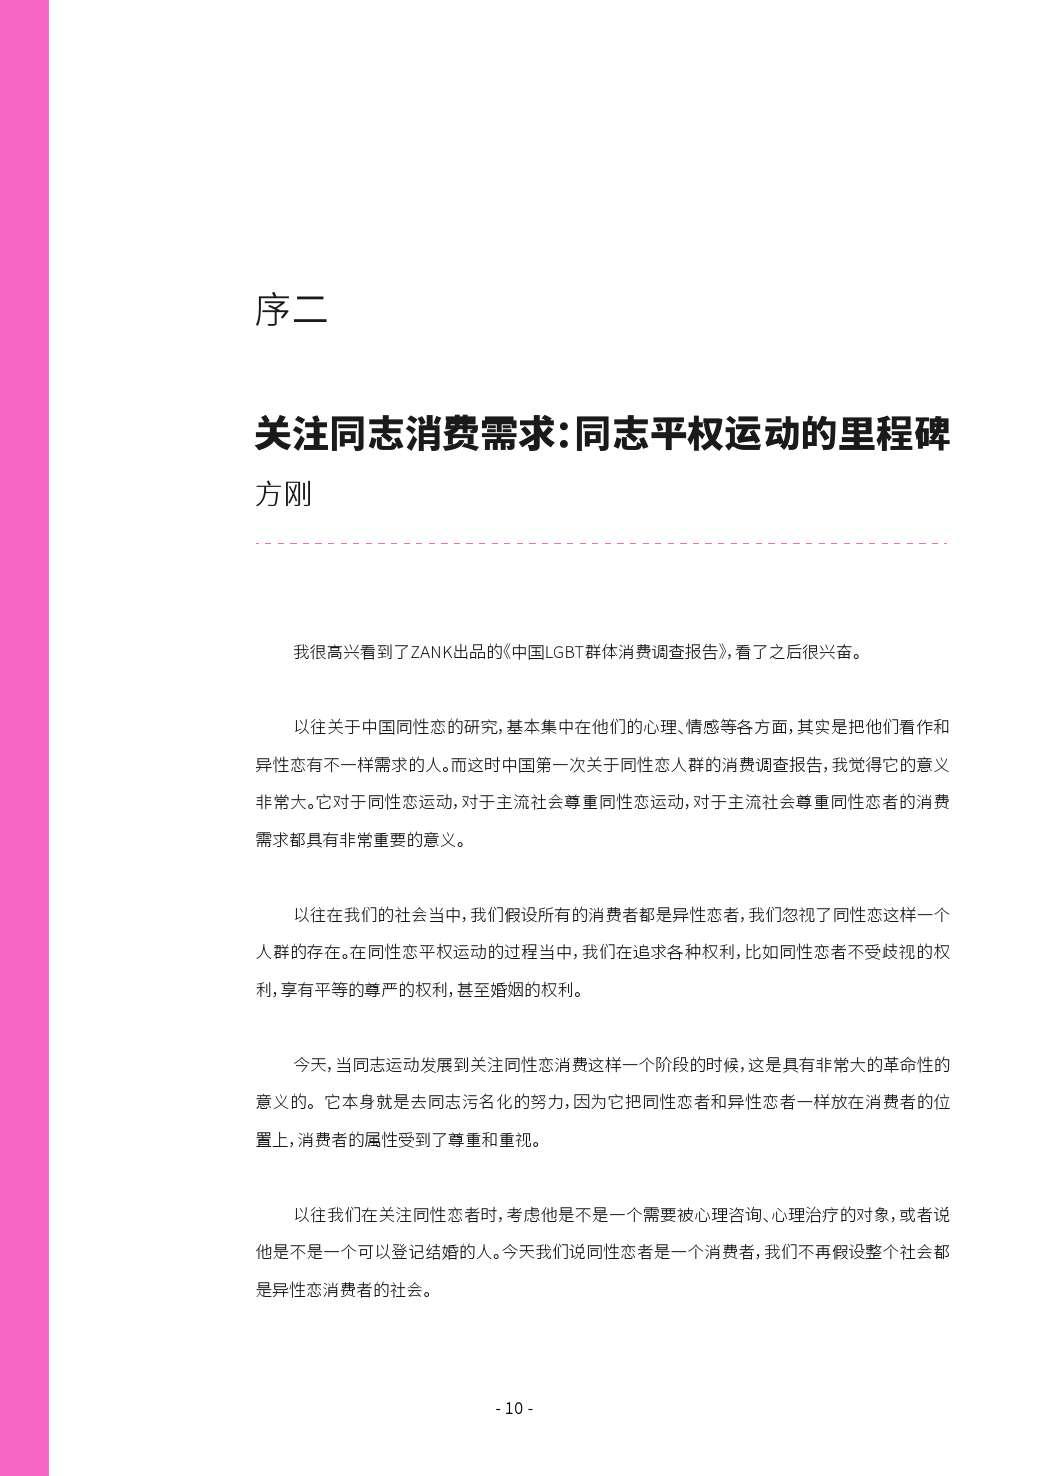 第二届中国LGBT群体消费调查报告_000010